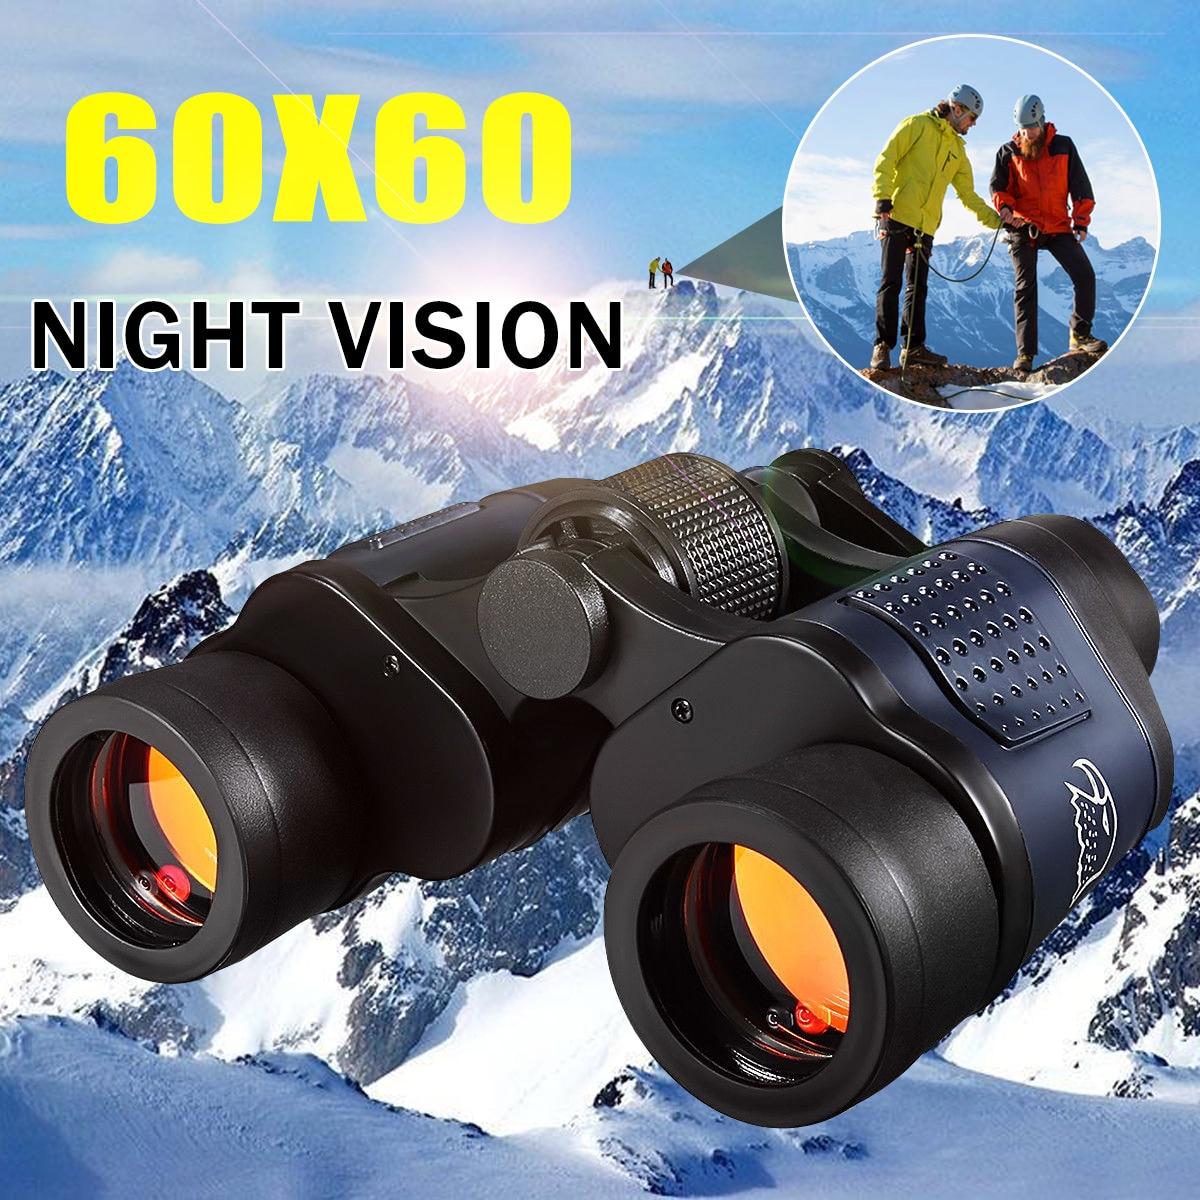 Visión Nocturna 60x60 3000 m alta definición al aire libre caza binoculares telescopio HD resistente al agua para caza al aire libre